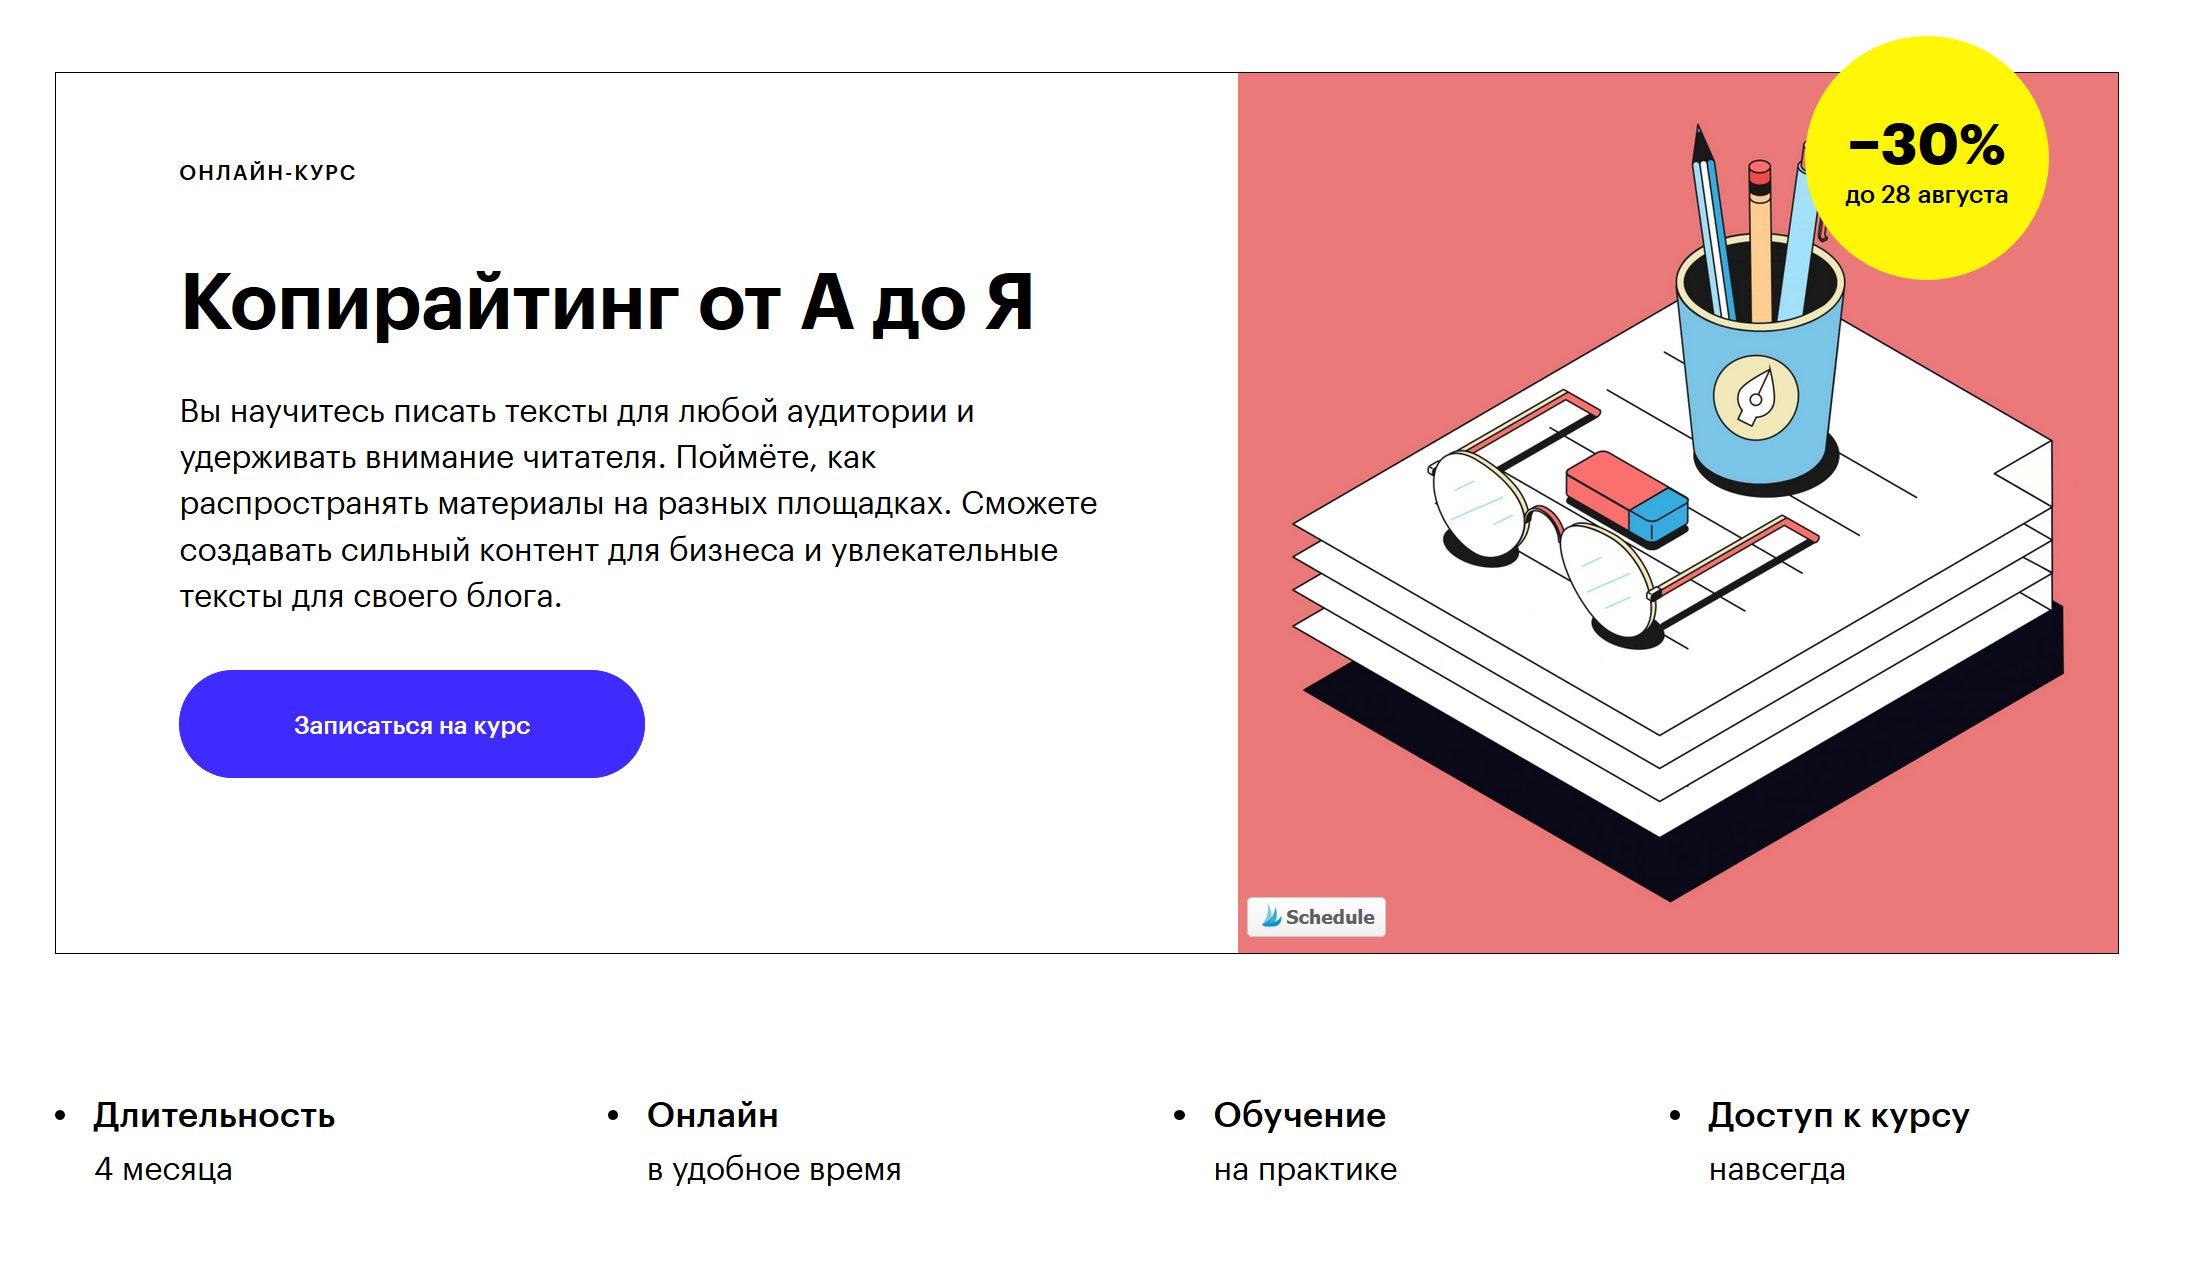 Копирайтинг от А до Я - Mozilla Firefox